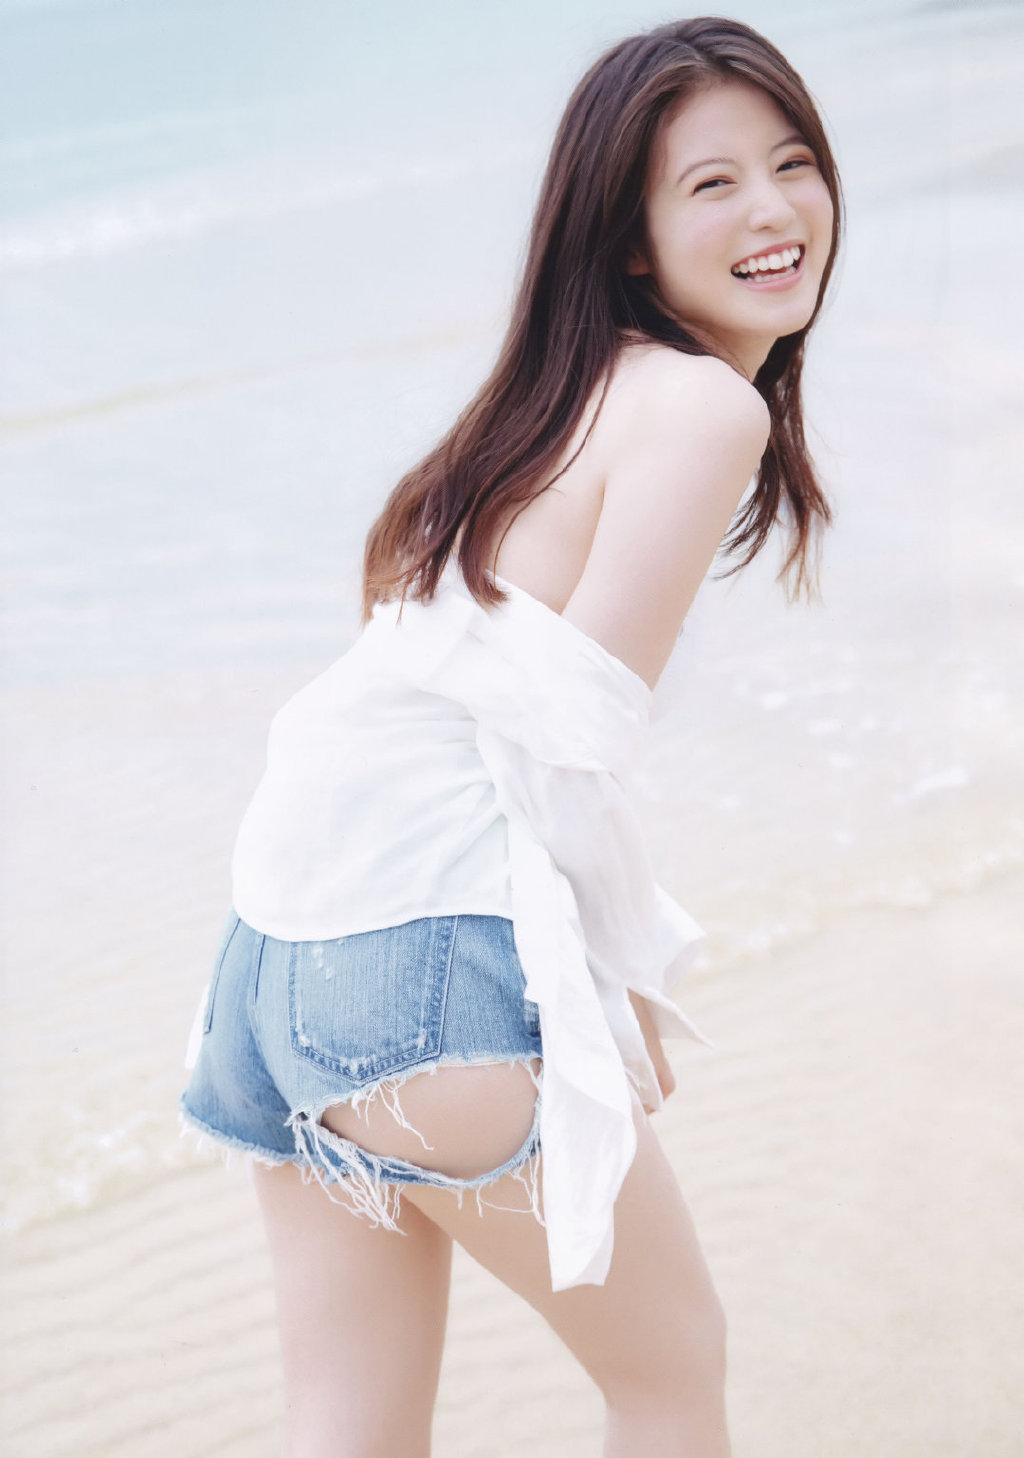 比基尼福利!《半泽直树》日剧新女神「今田美樱」甜美脸蛋下「身材好汹涌」!